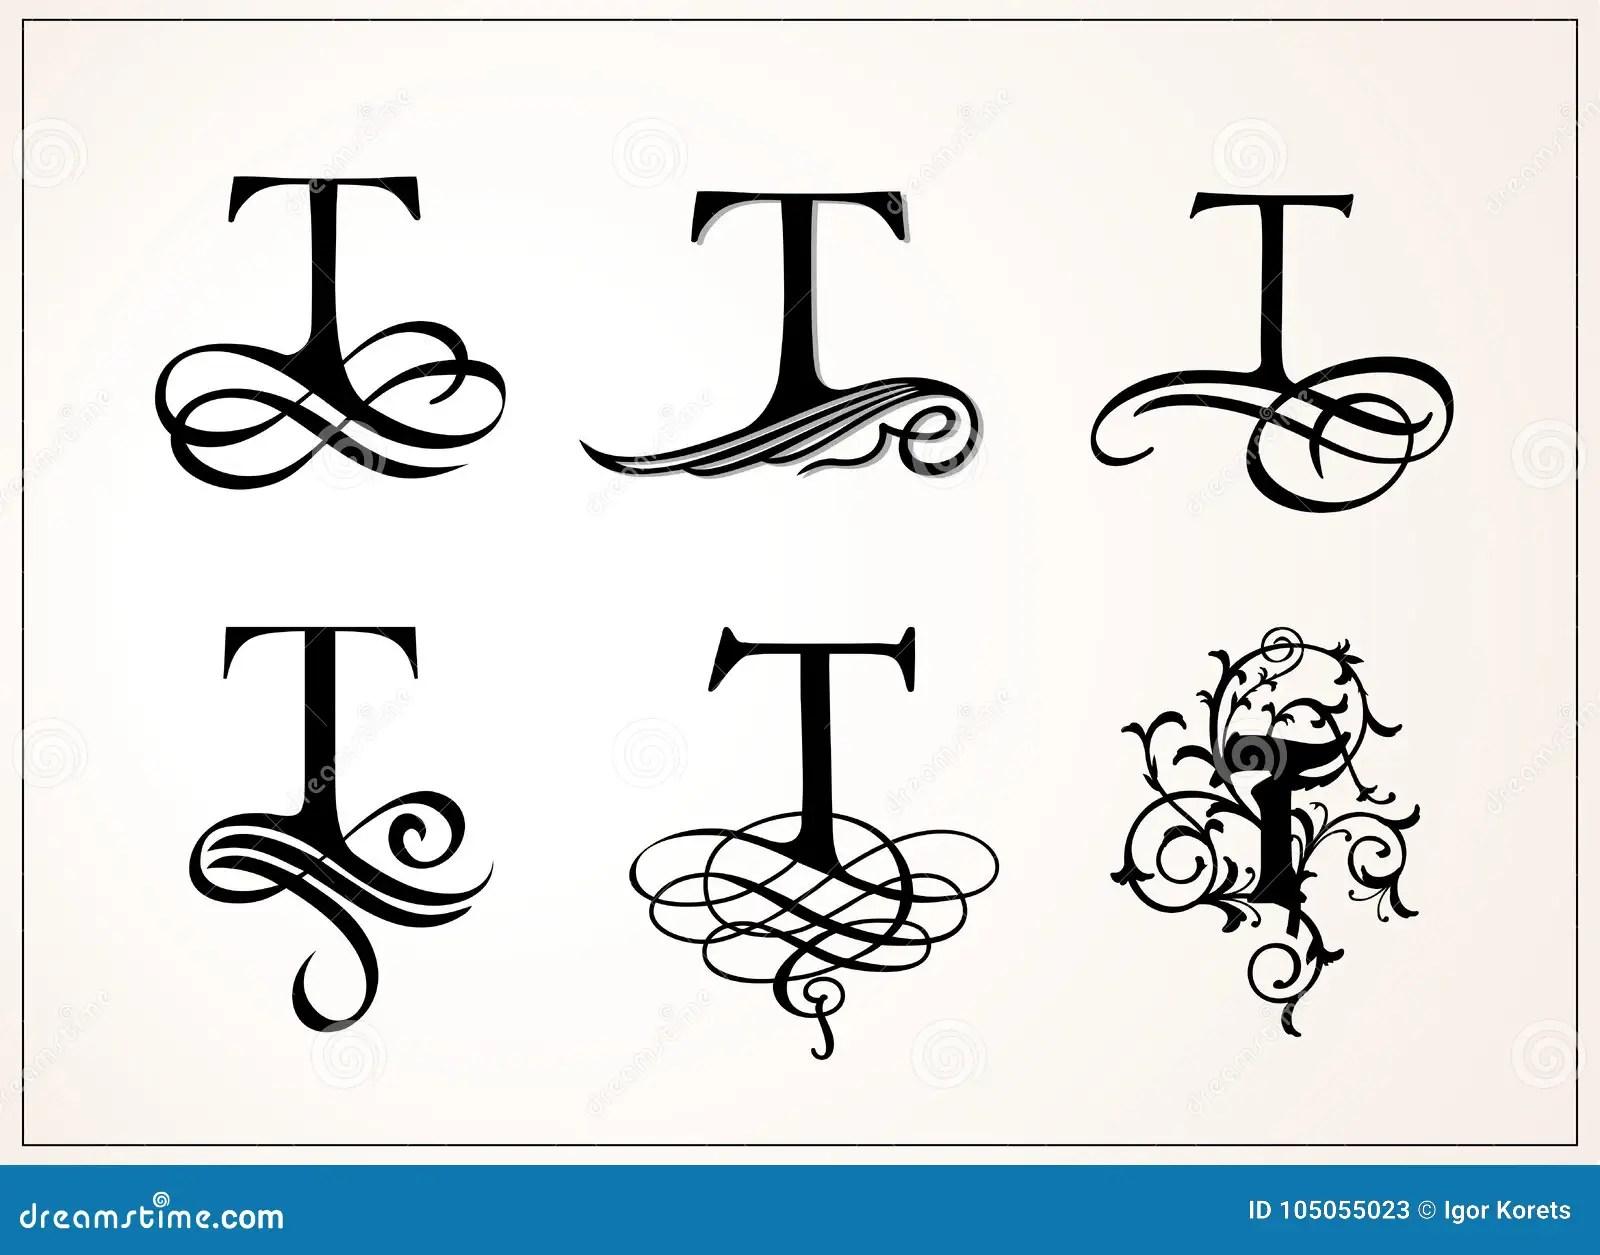 Jogo Do Vintage Letra Principal T Para Monogramas E